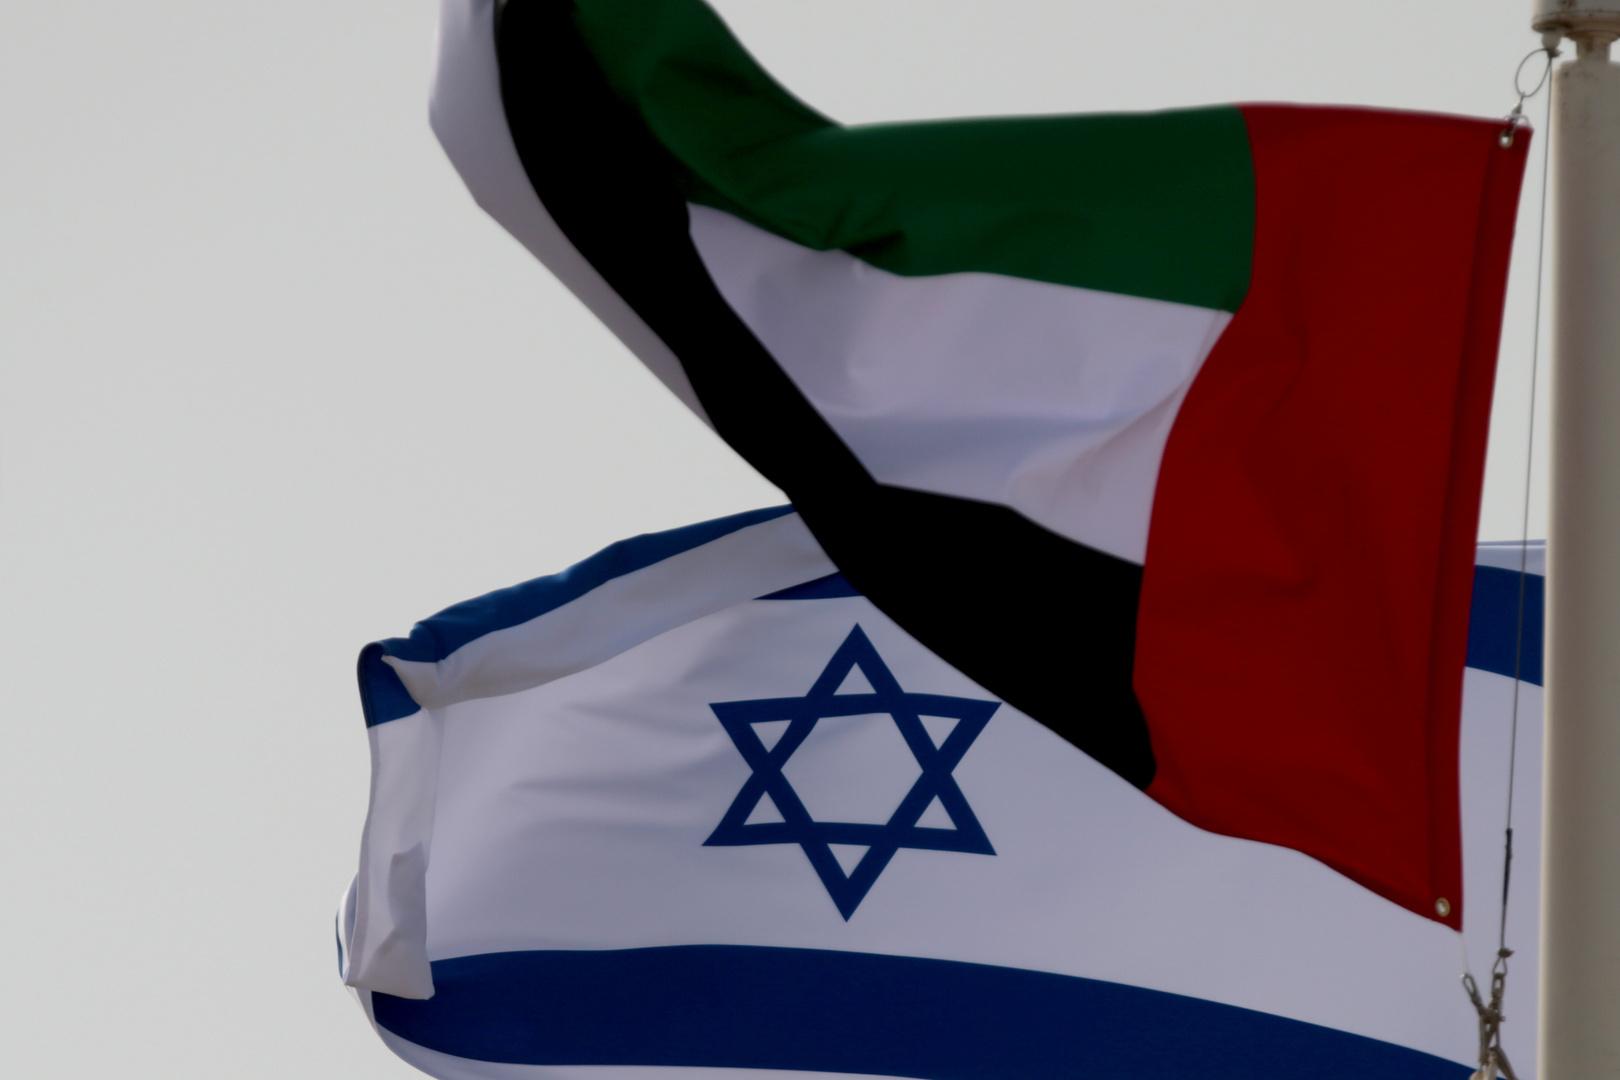 وفد حكومي إماراتي يتوجه إلى إسرائيل في أول زيارة رسمية